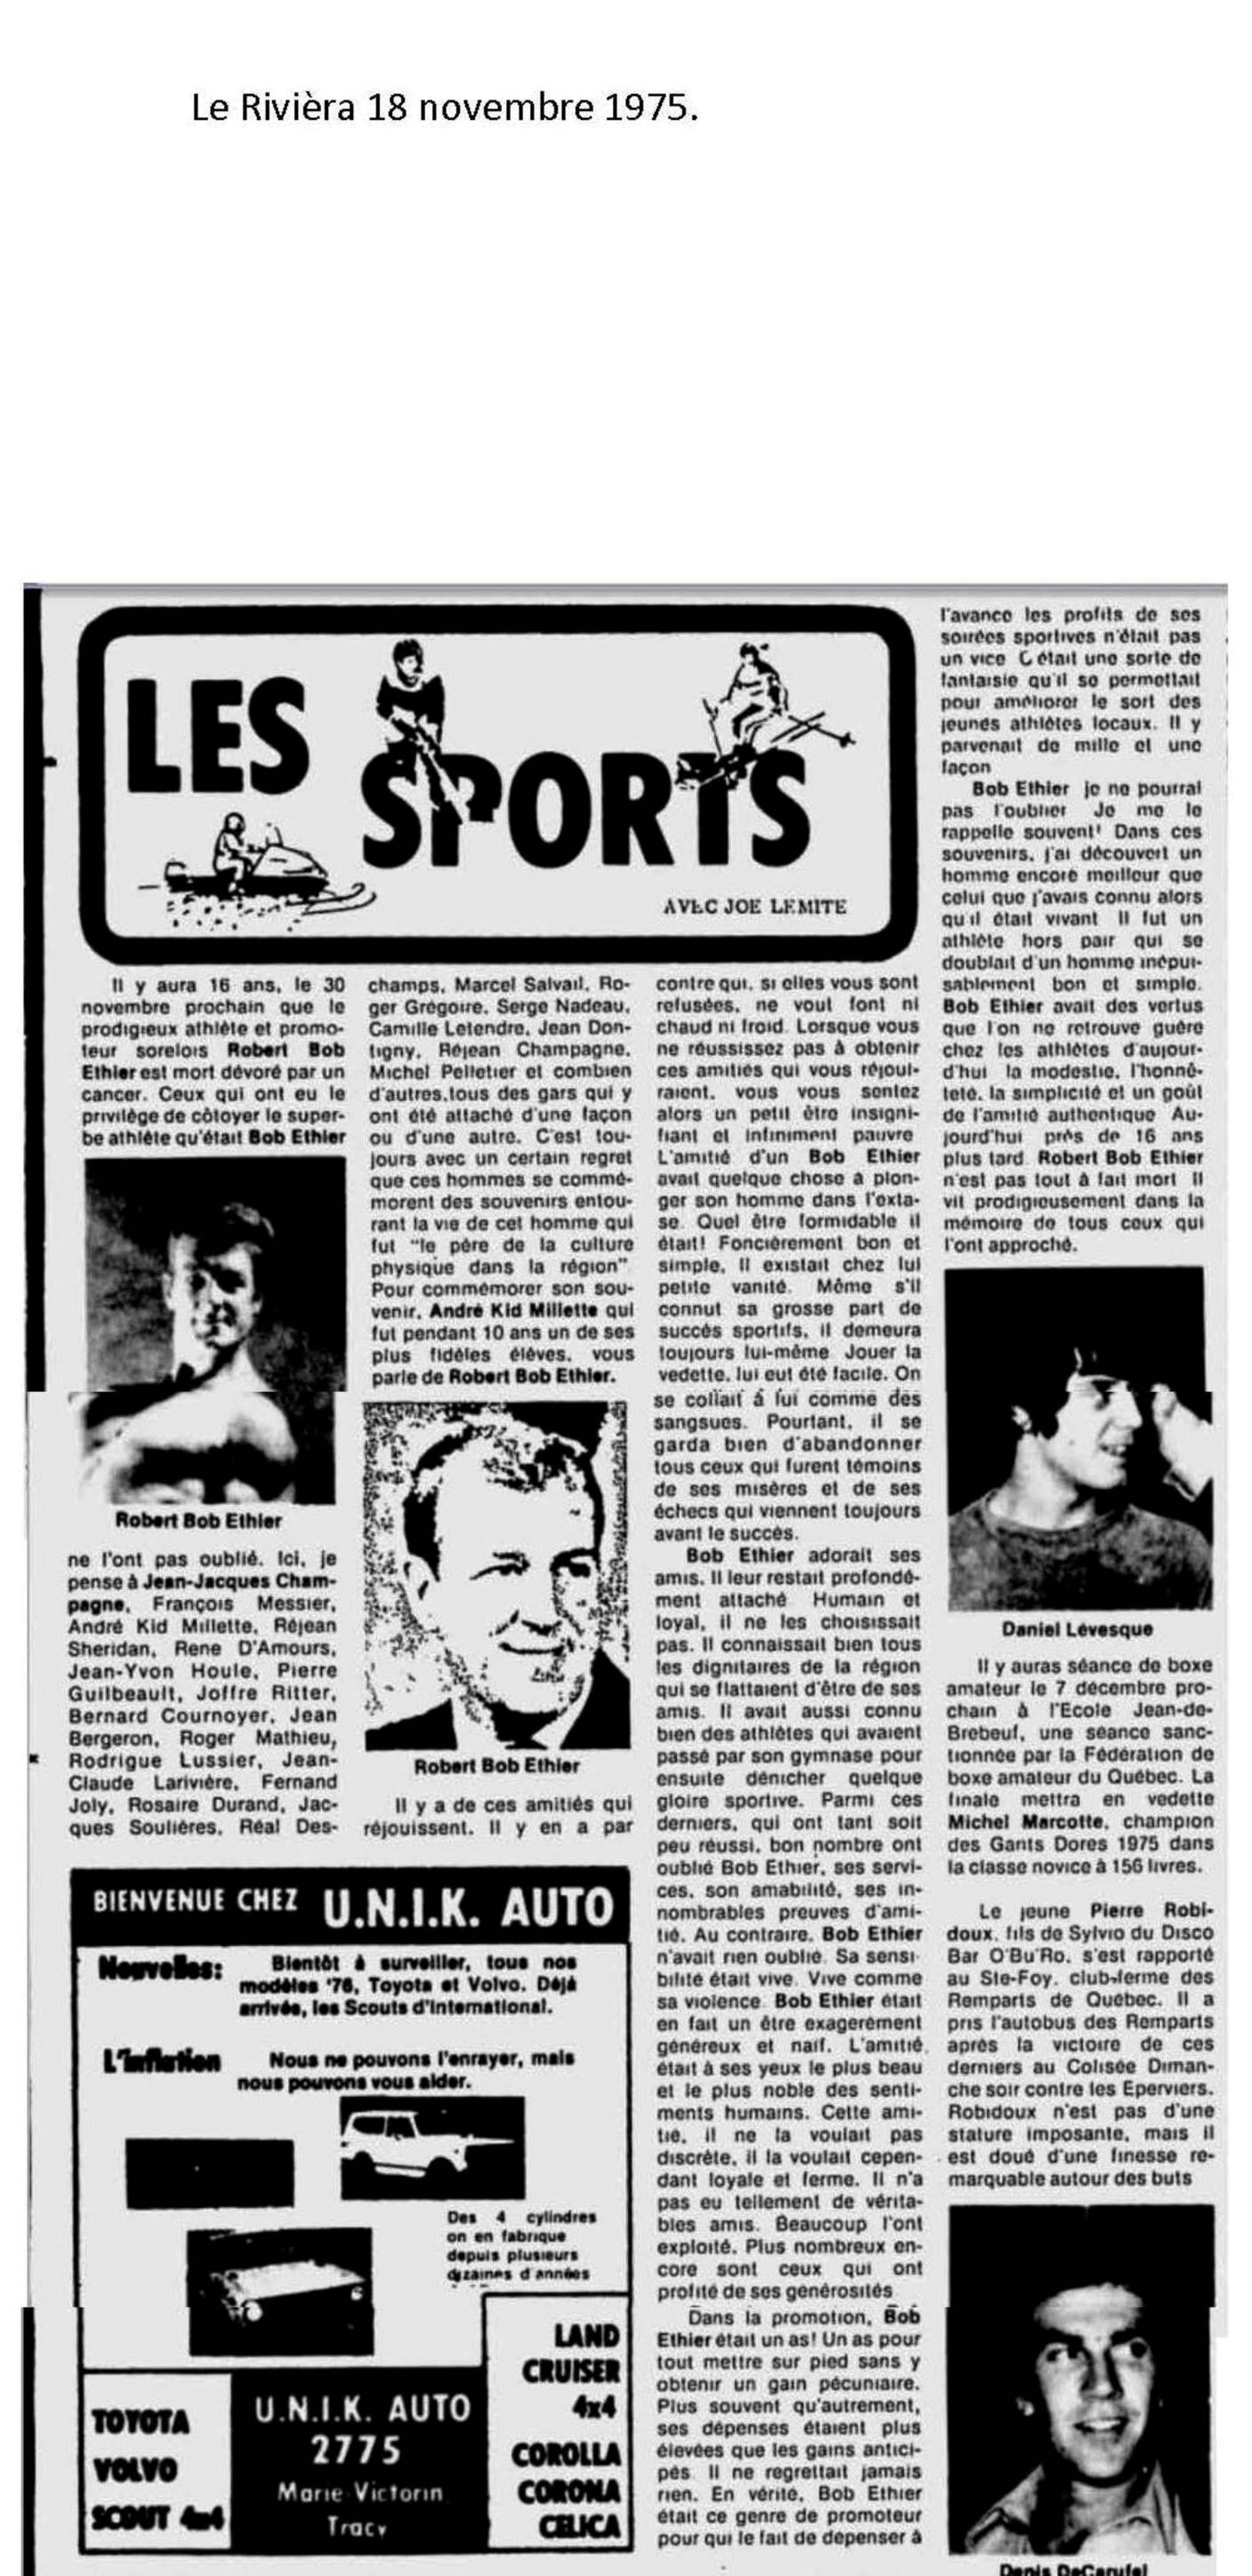 Le Rivièra 18 novembre 1975